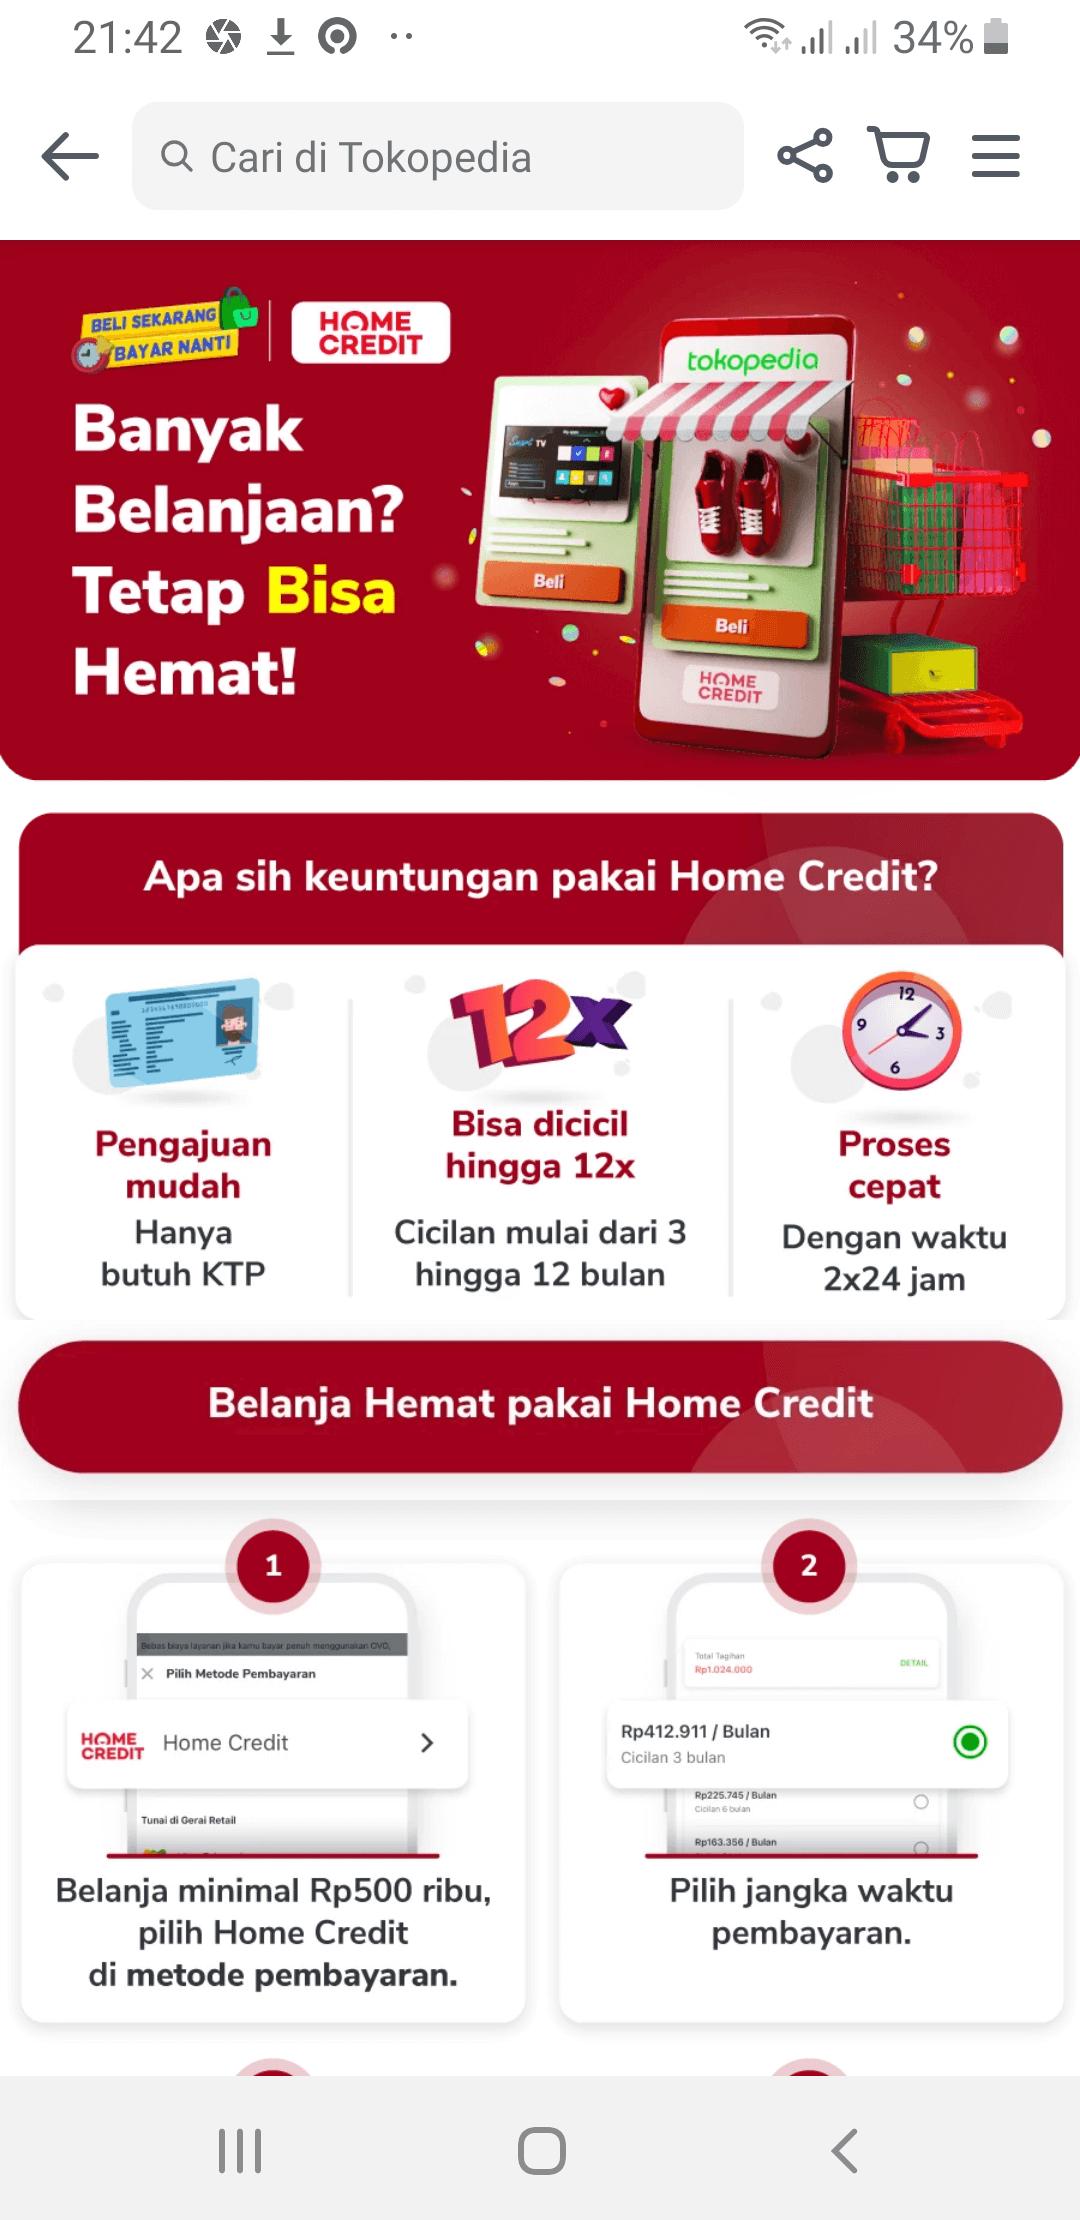 Home Credit Cara Kredit di Tokopedia